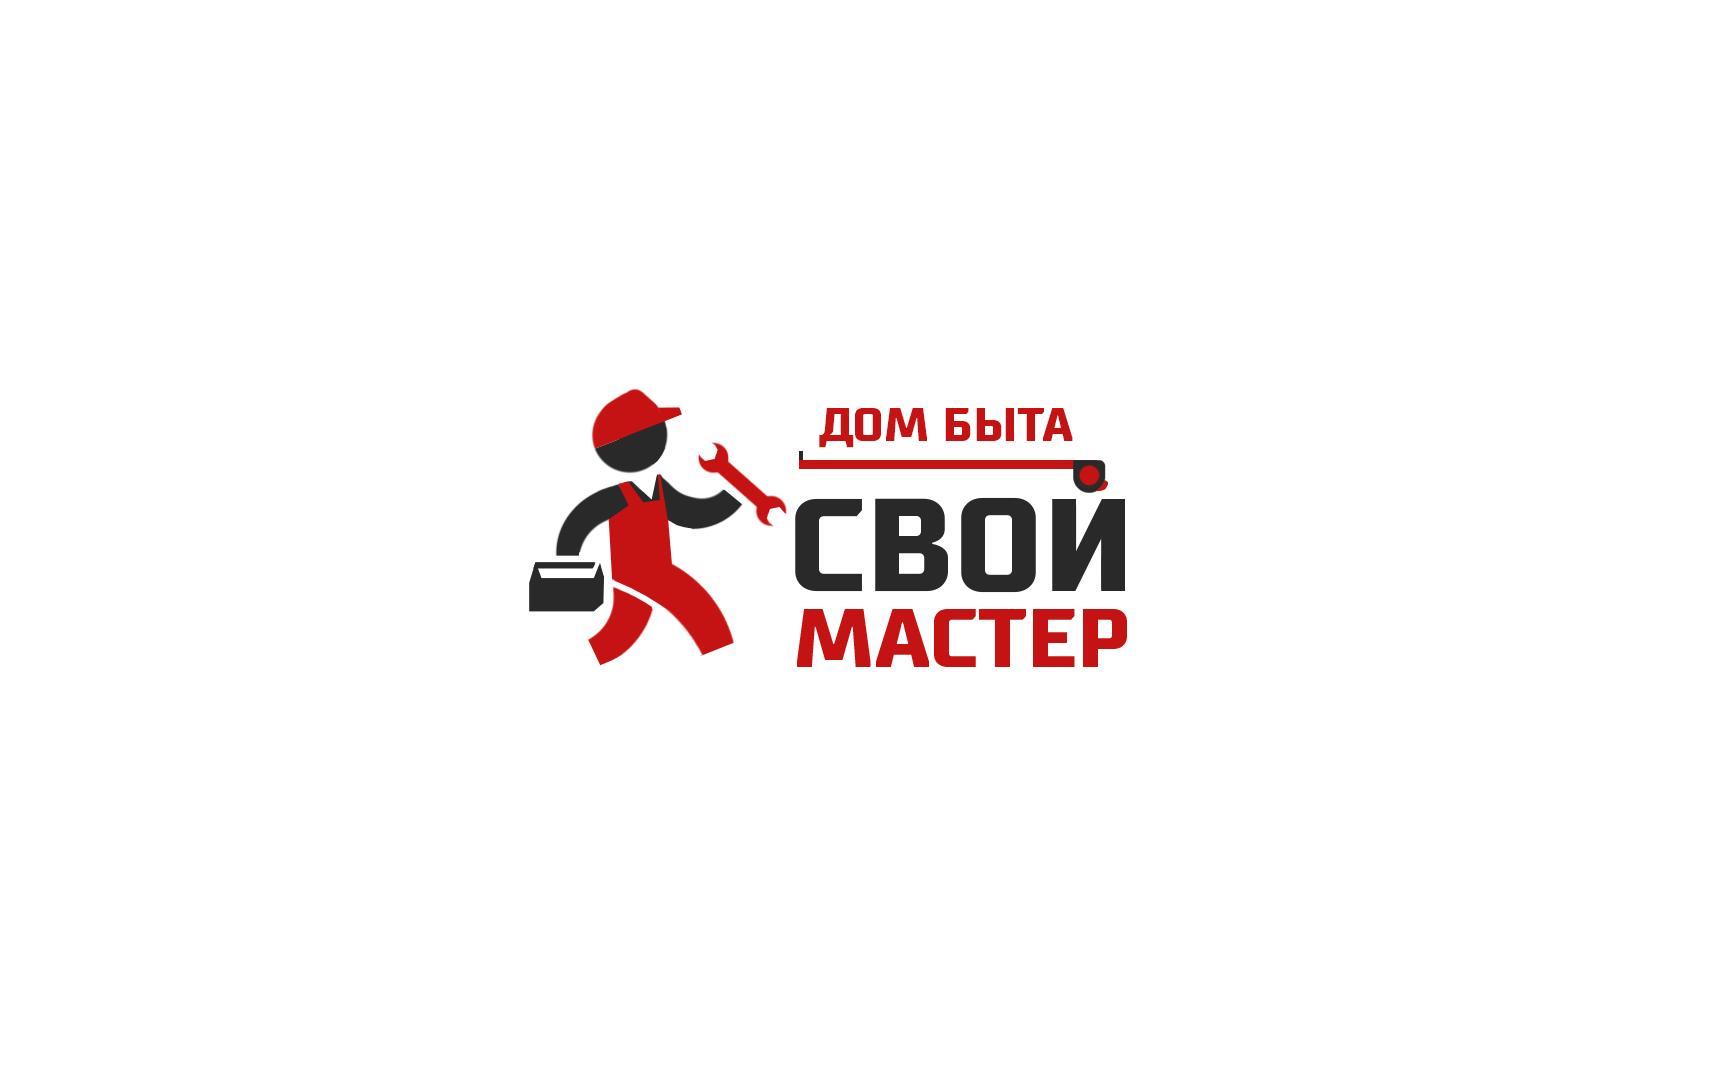 Логотип для сетевого ДОМ БЫТА фото f_0995d744c2cc301a.jpg